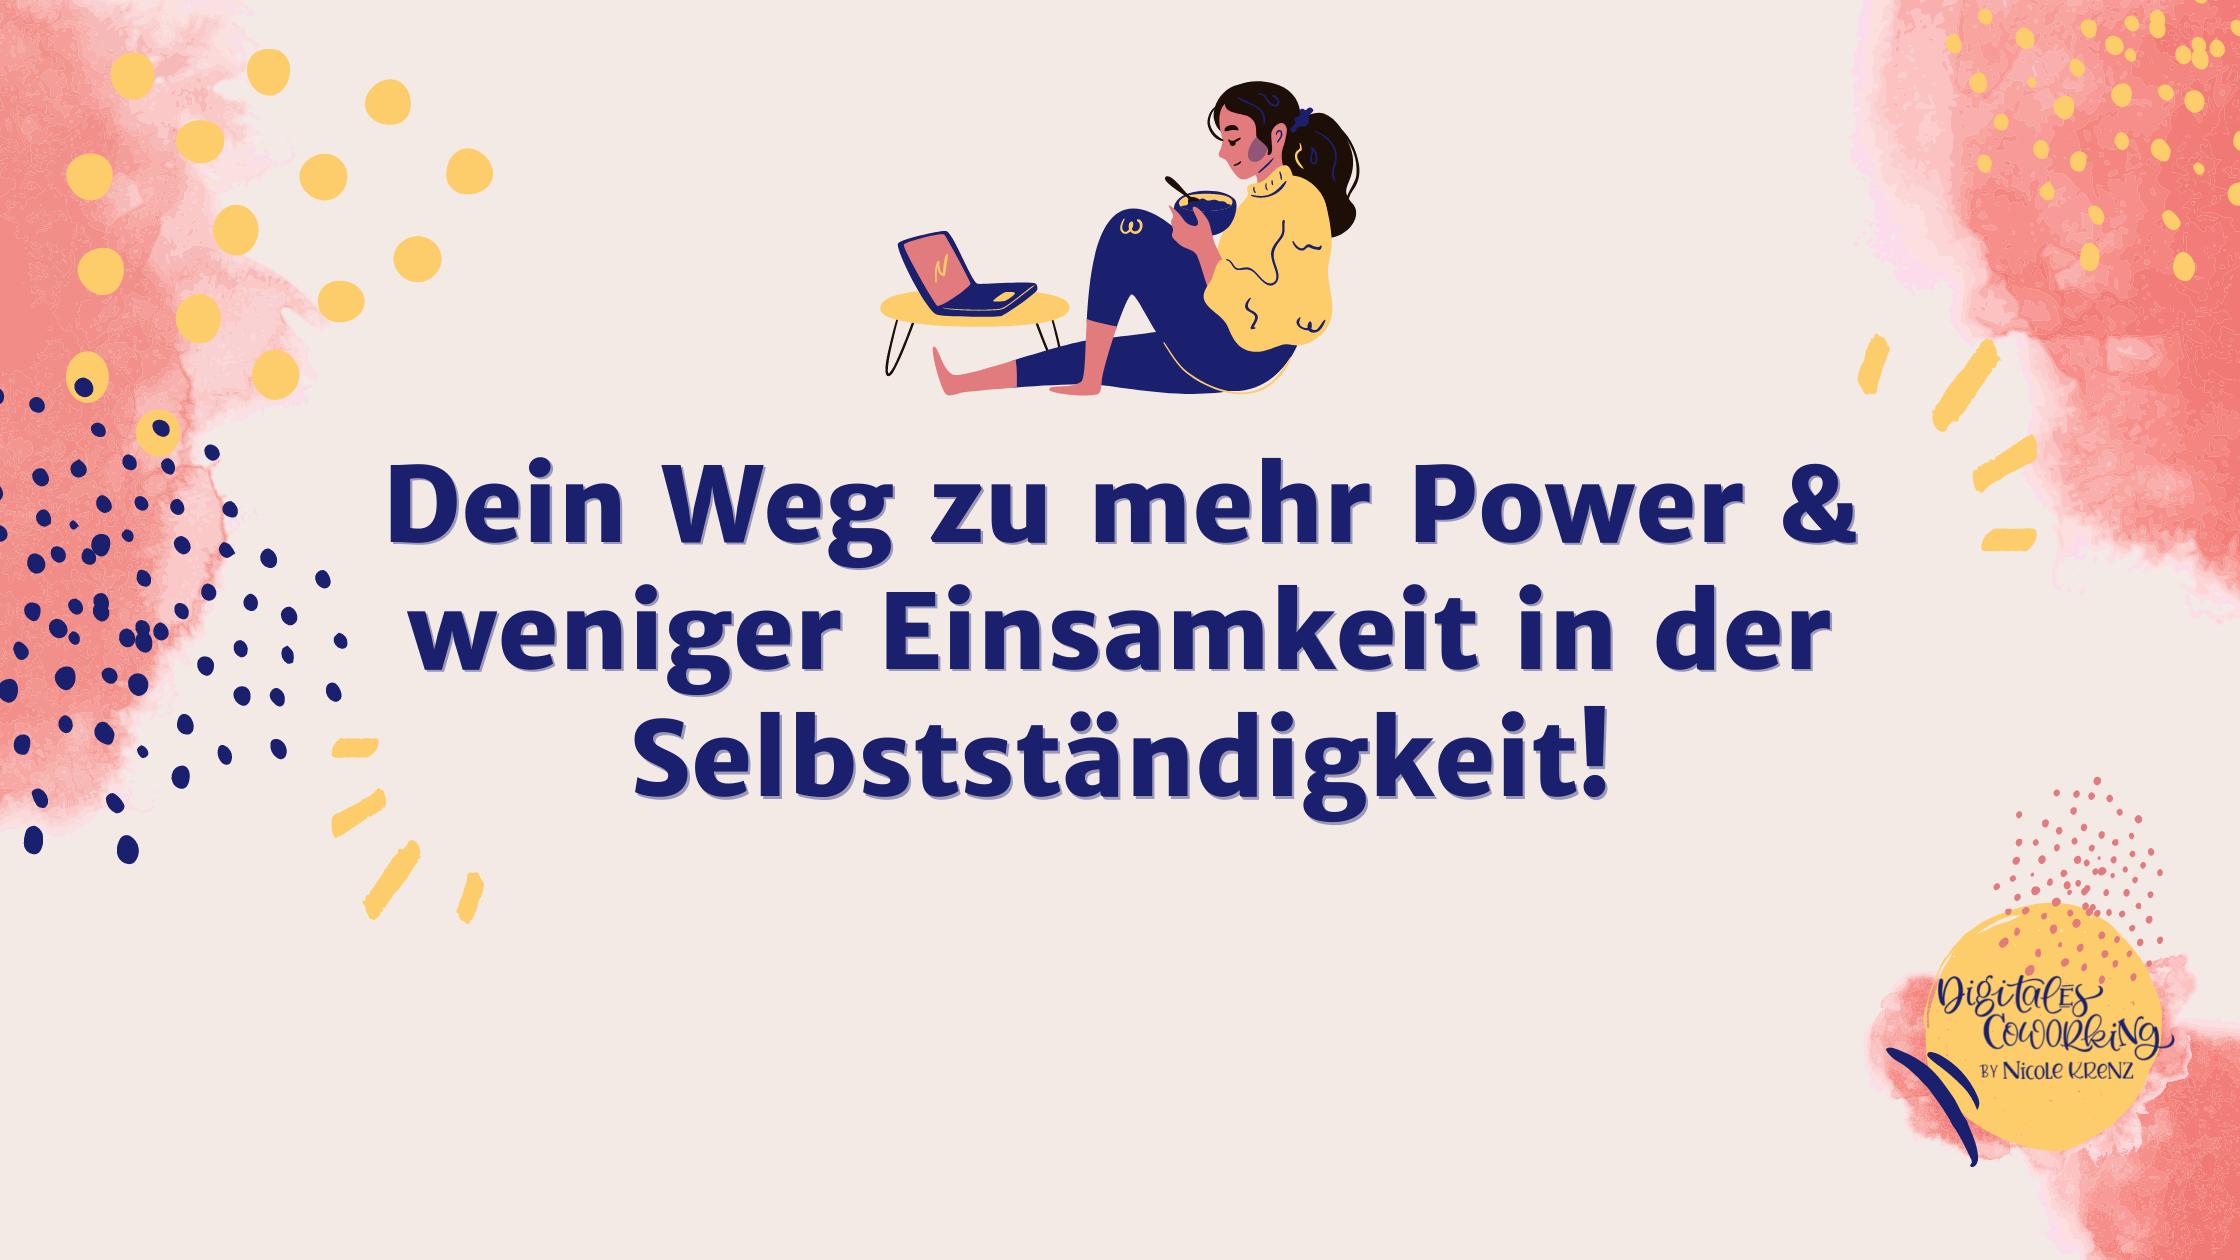 Über Superhelden & innere Werte: Dein Weg zu weniger Einsamkeit & mehr Power in der Selbstständigkeit!